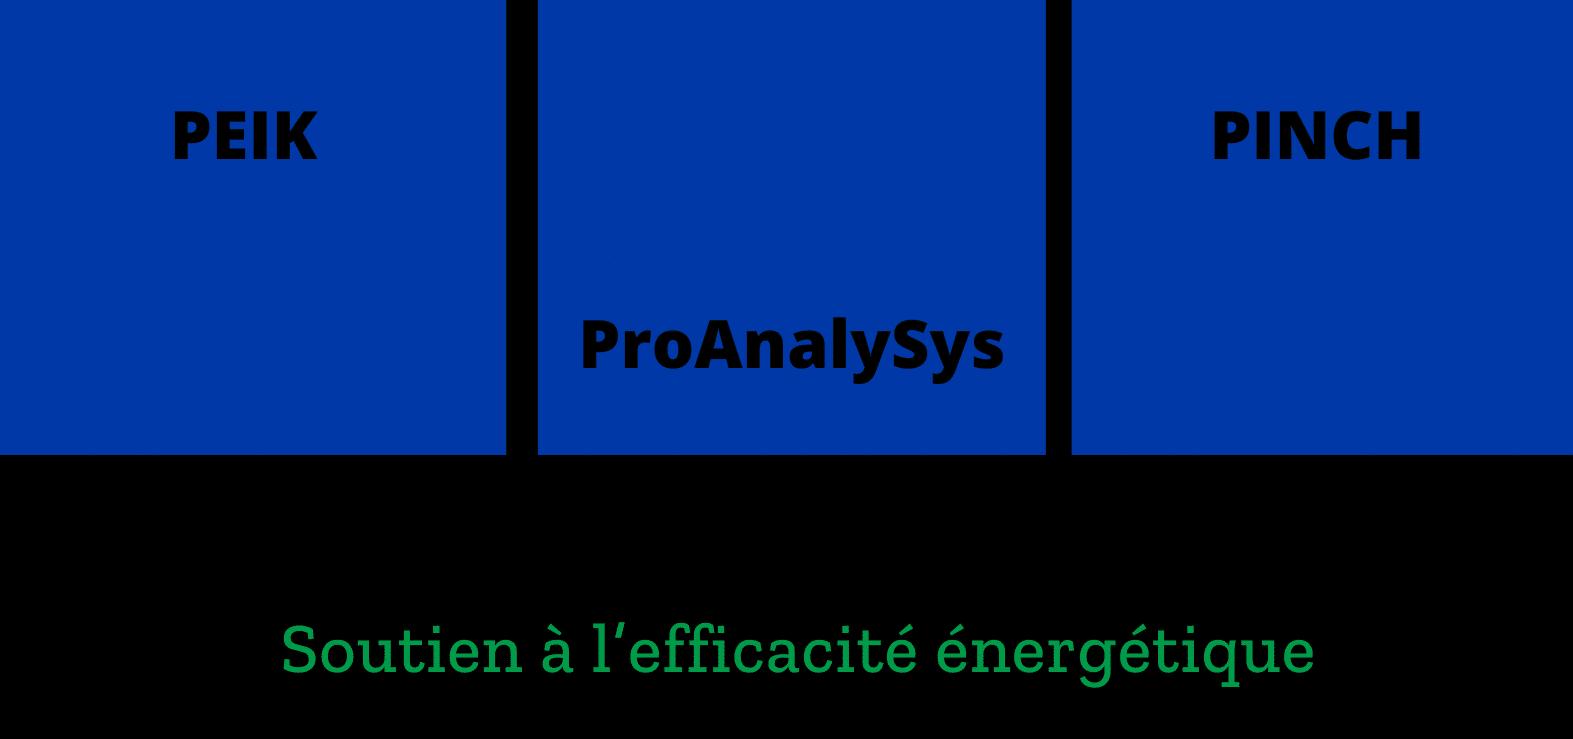 Förderung der Energieeffizienz: Übersicht über die Programme des Bundesamts für Energie